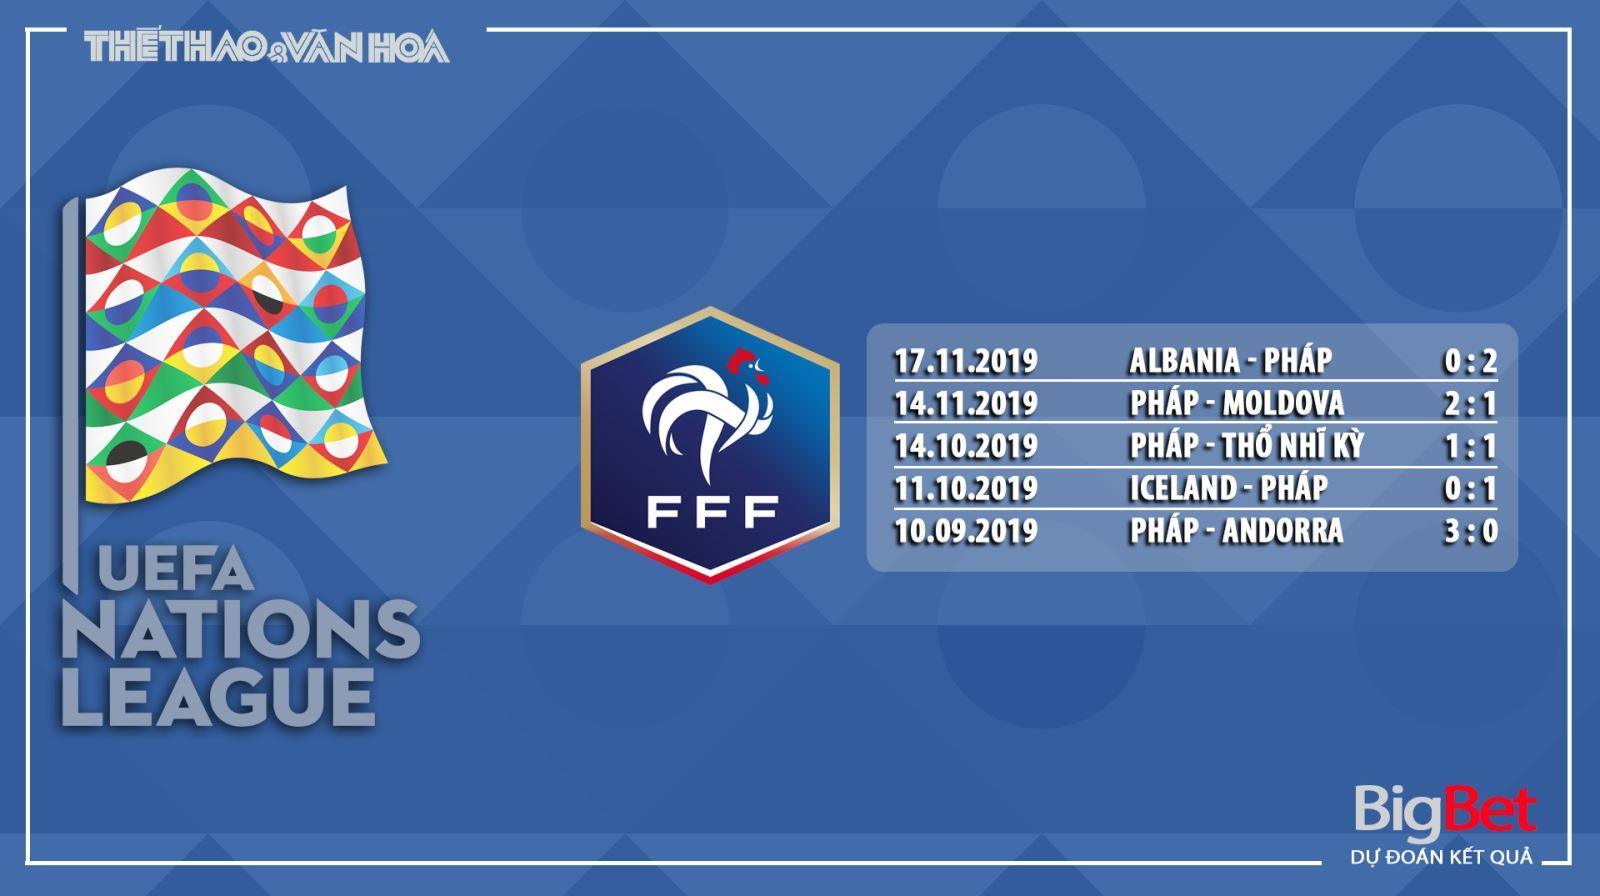 Soi kèo Thụy Điển vsPháp, Thuỵ Điển đấu với Pháp, Pháp, Thuỵ Điển, nhận định, dự đoán, soi kèo Thụy Điển vsPháp, UEFA Nations League